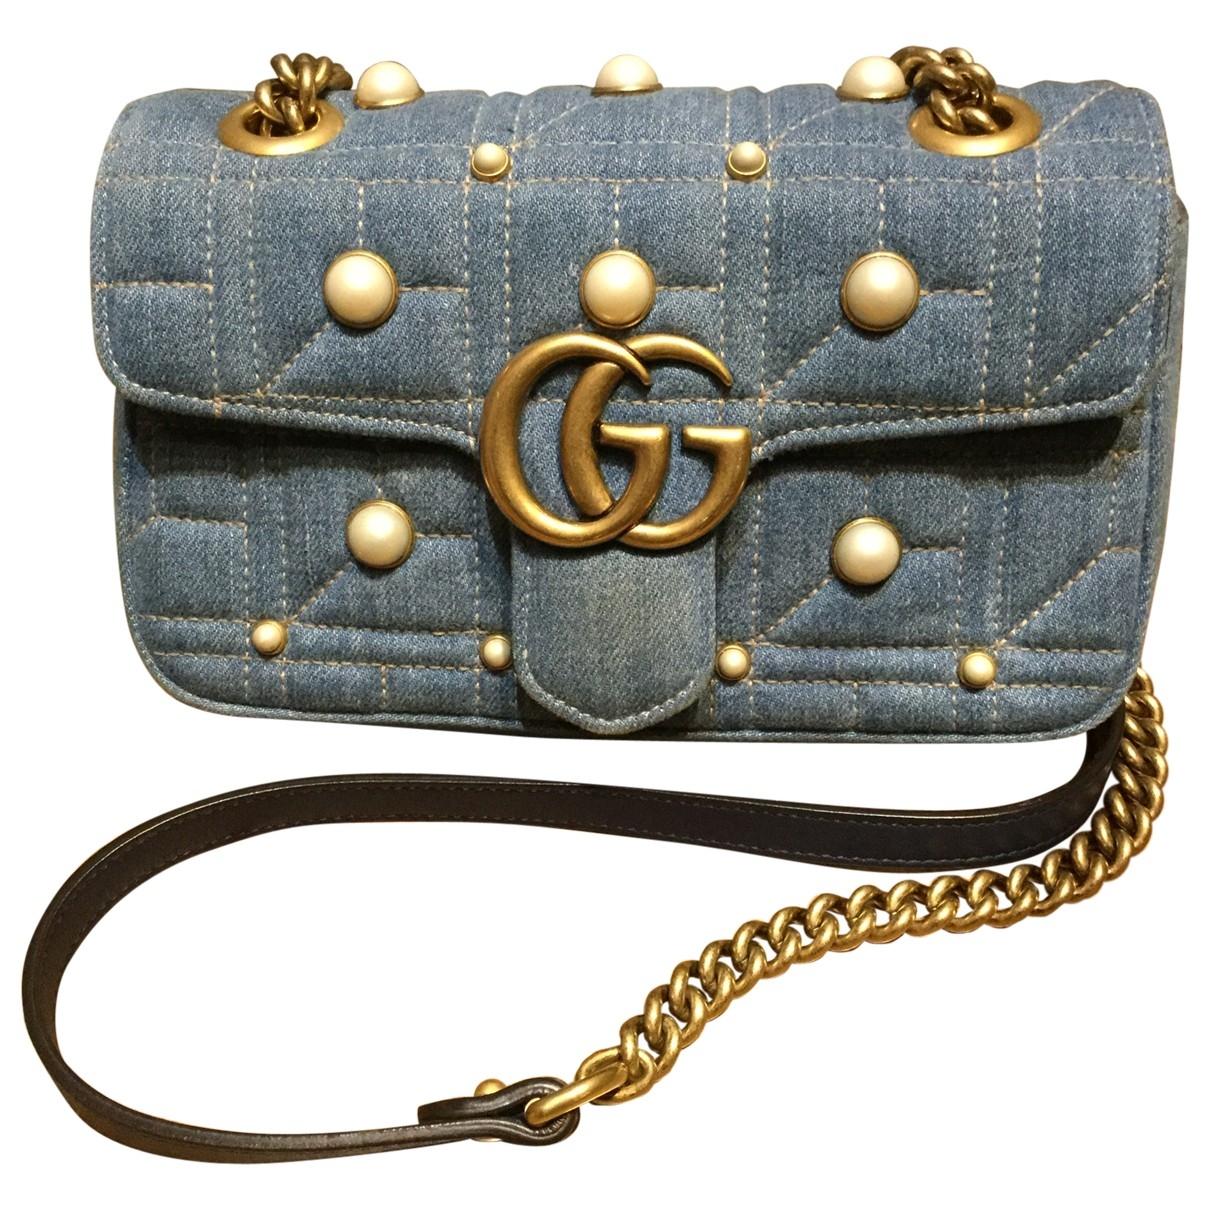 Gucci Marmont Handtasche in  Blau Denim - Jeans